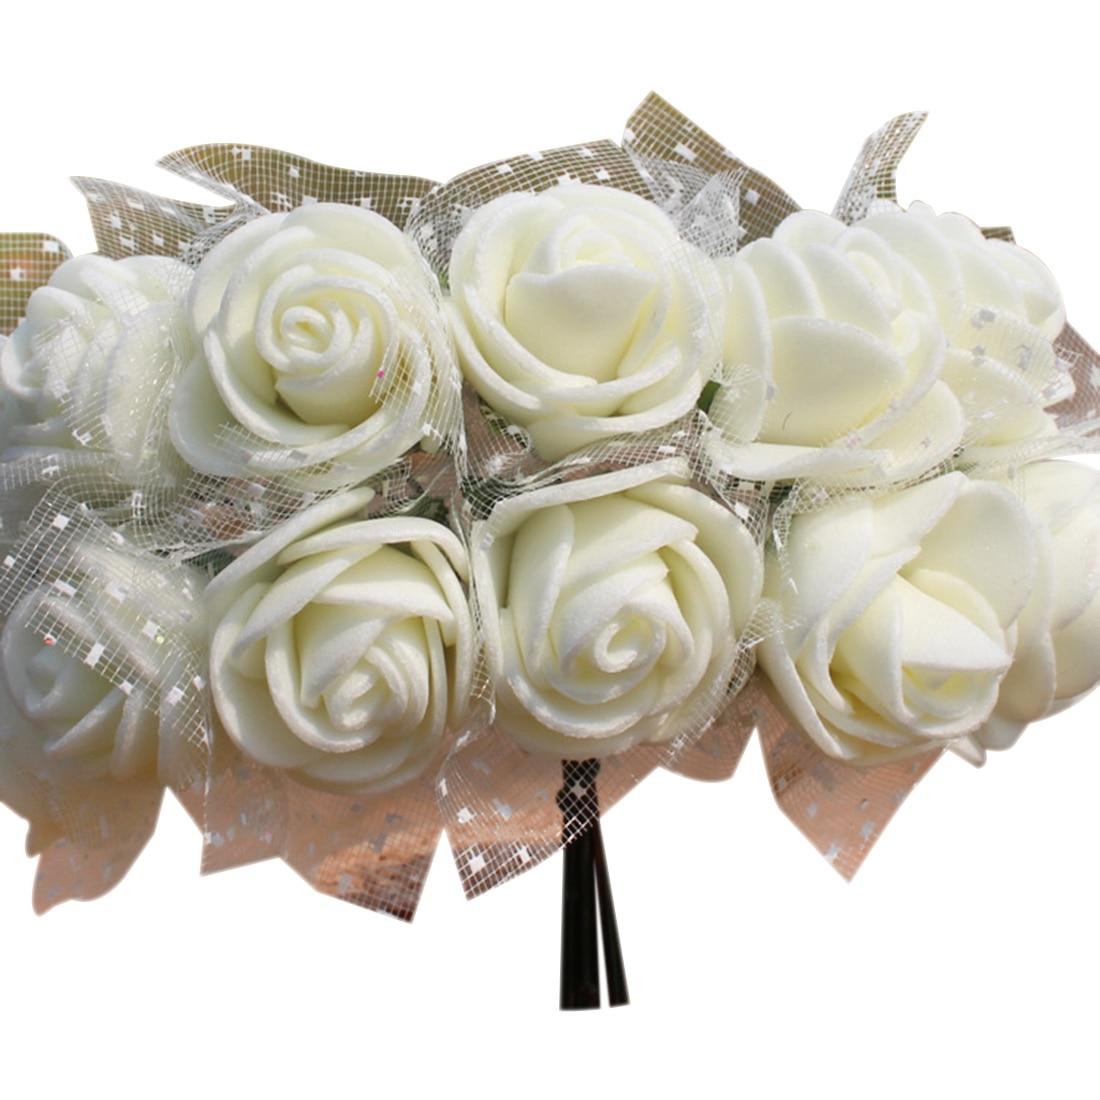 144 шт./лот 2 см DIY PE искусственные цветы Роуз Глава с сеткой свадебное домашние декоративные искусственные цветы букет аксессуары